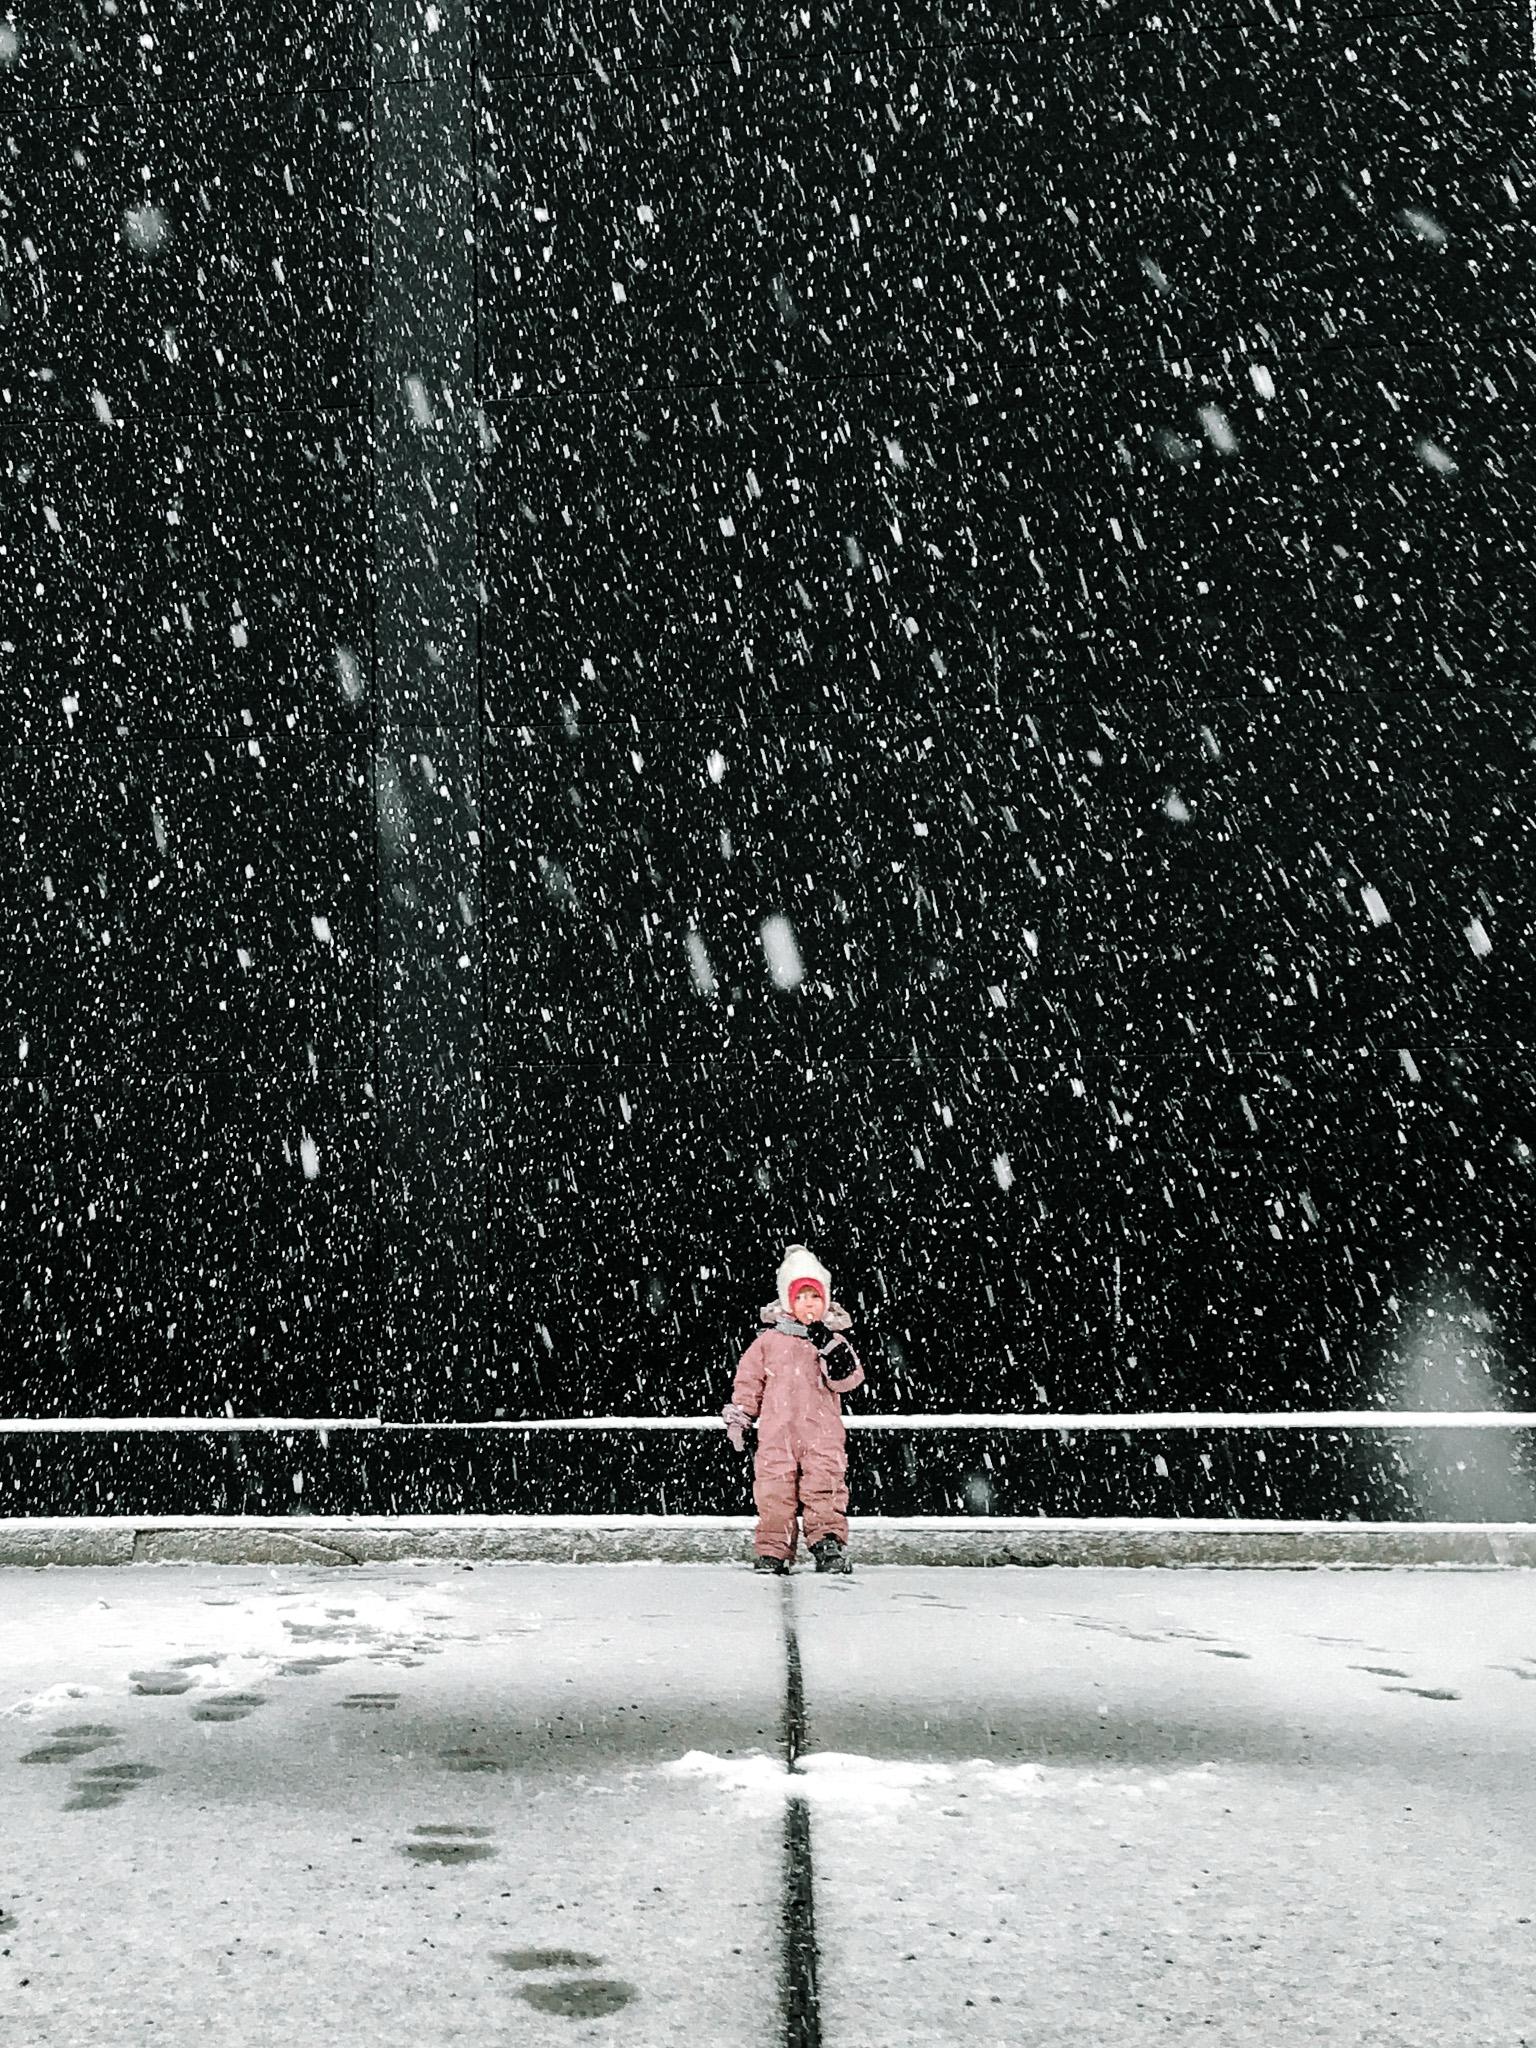 little girl in snowy parking lot